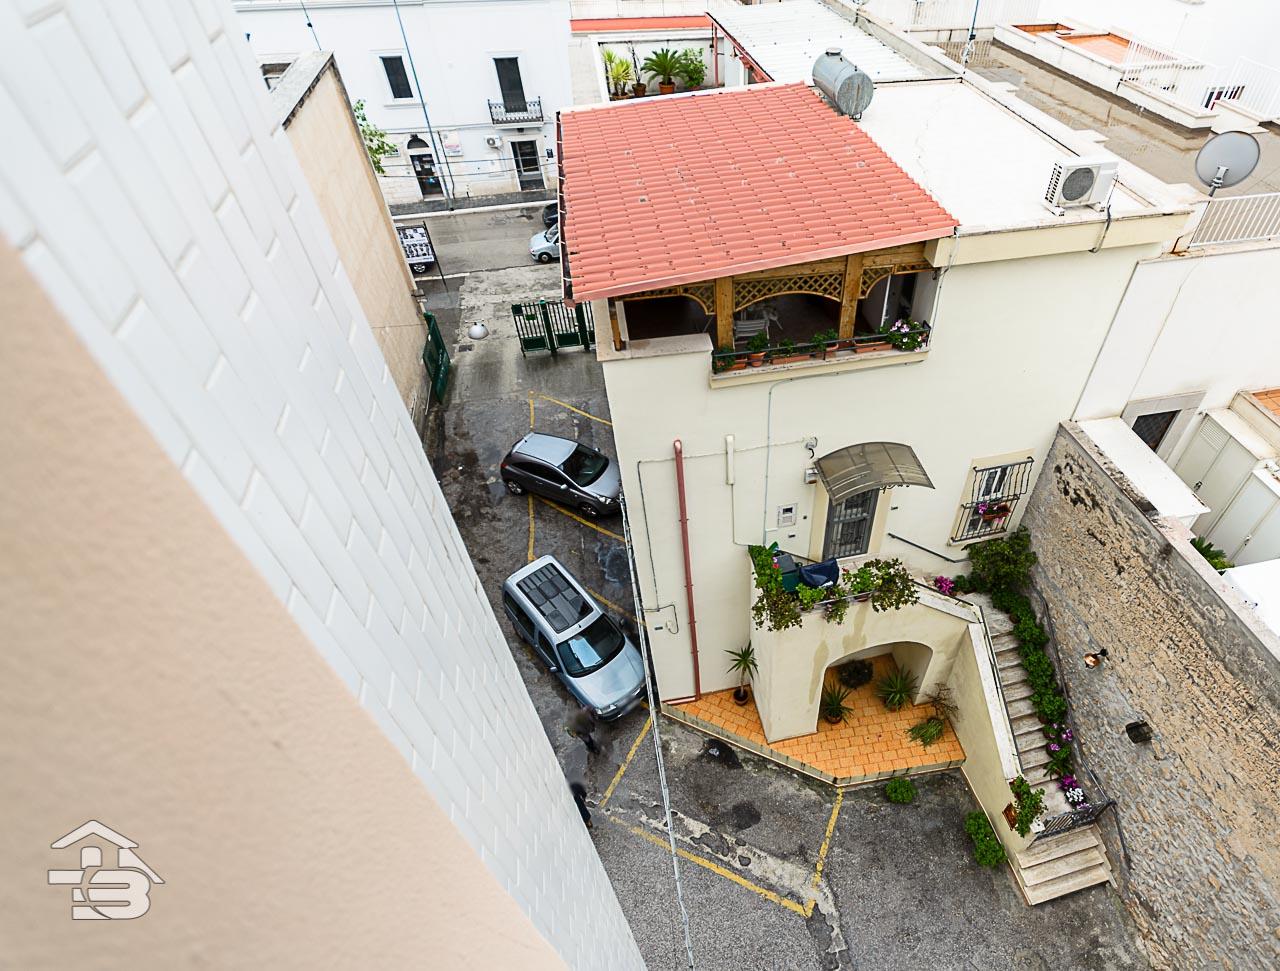 Foto 8 - Appartamento in Vendita a Manfredonia - Via Tribuna